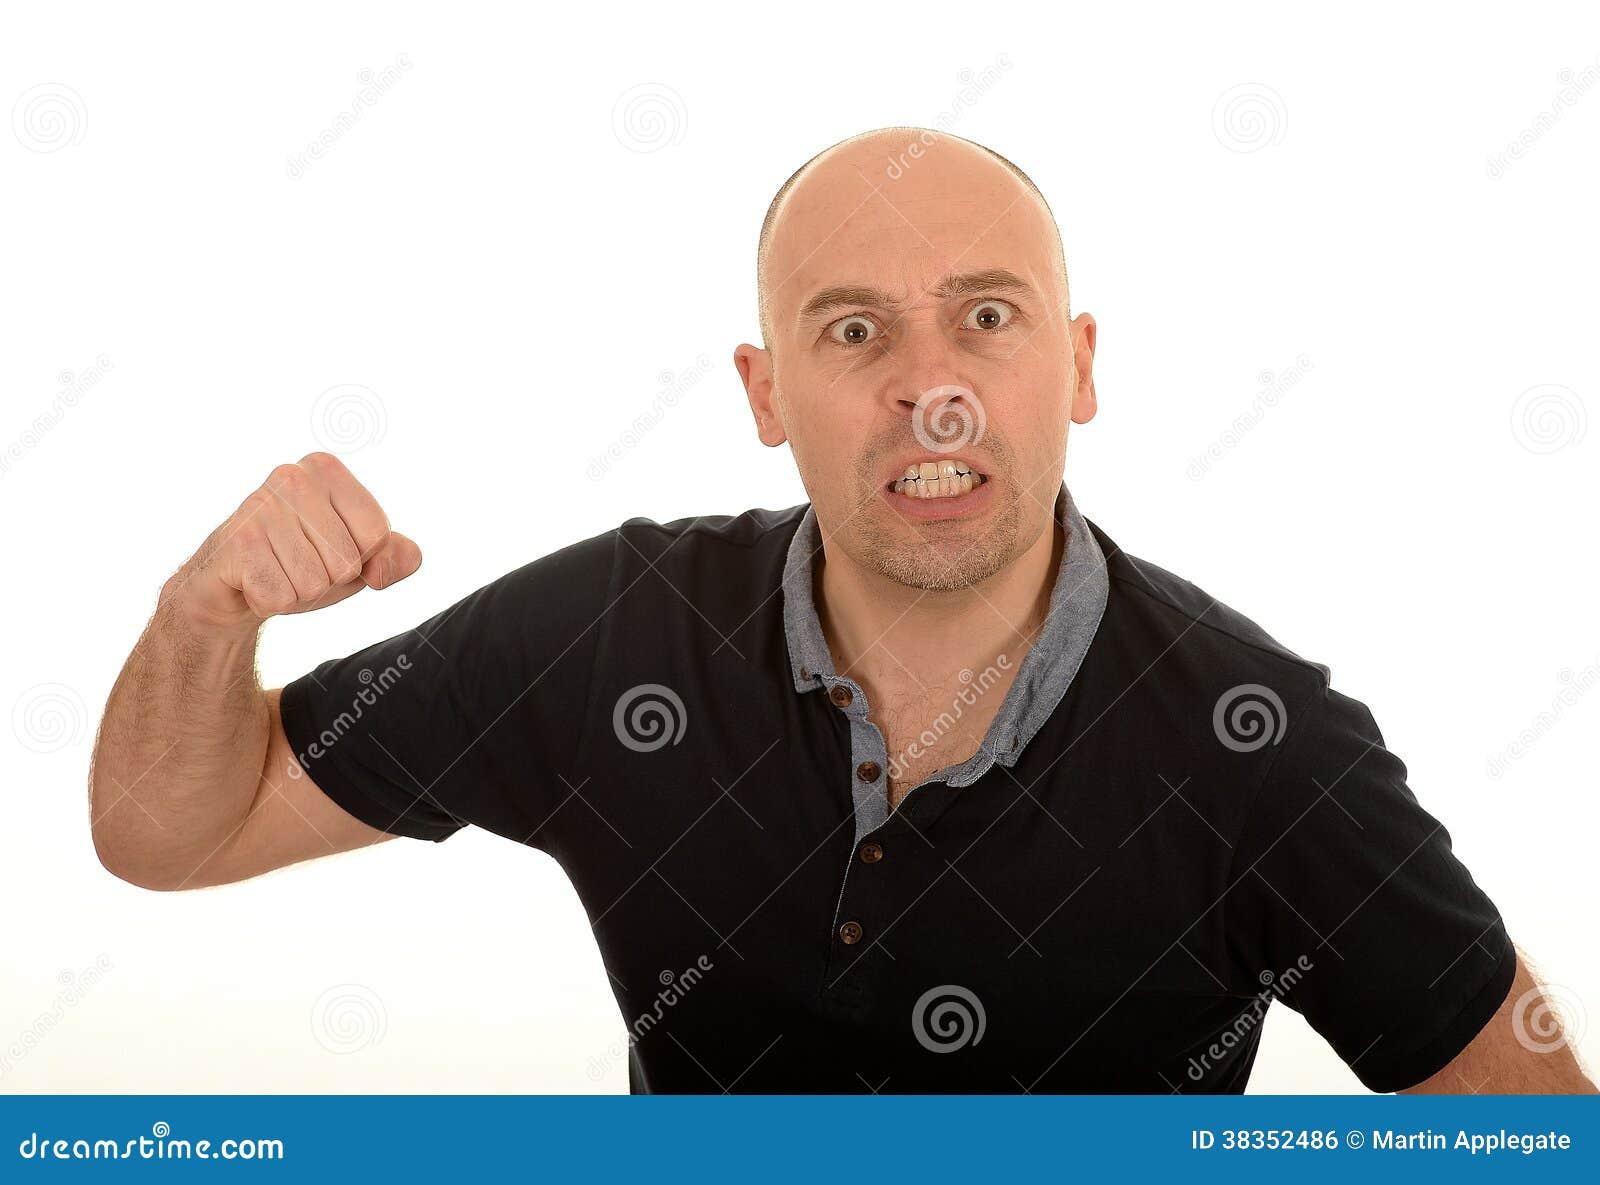 huge fist